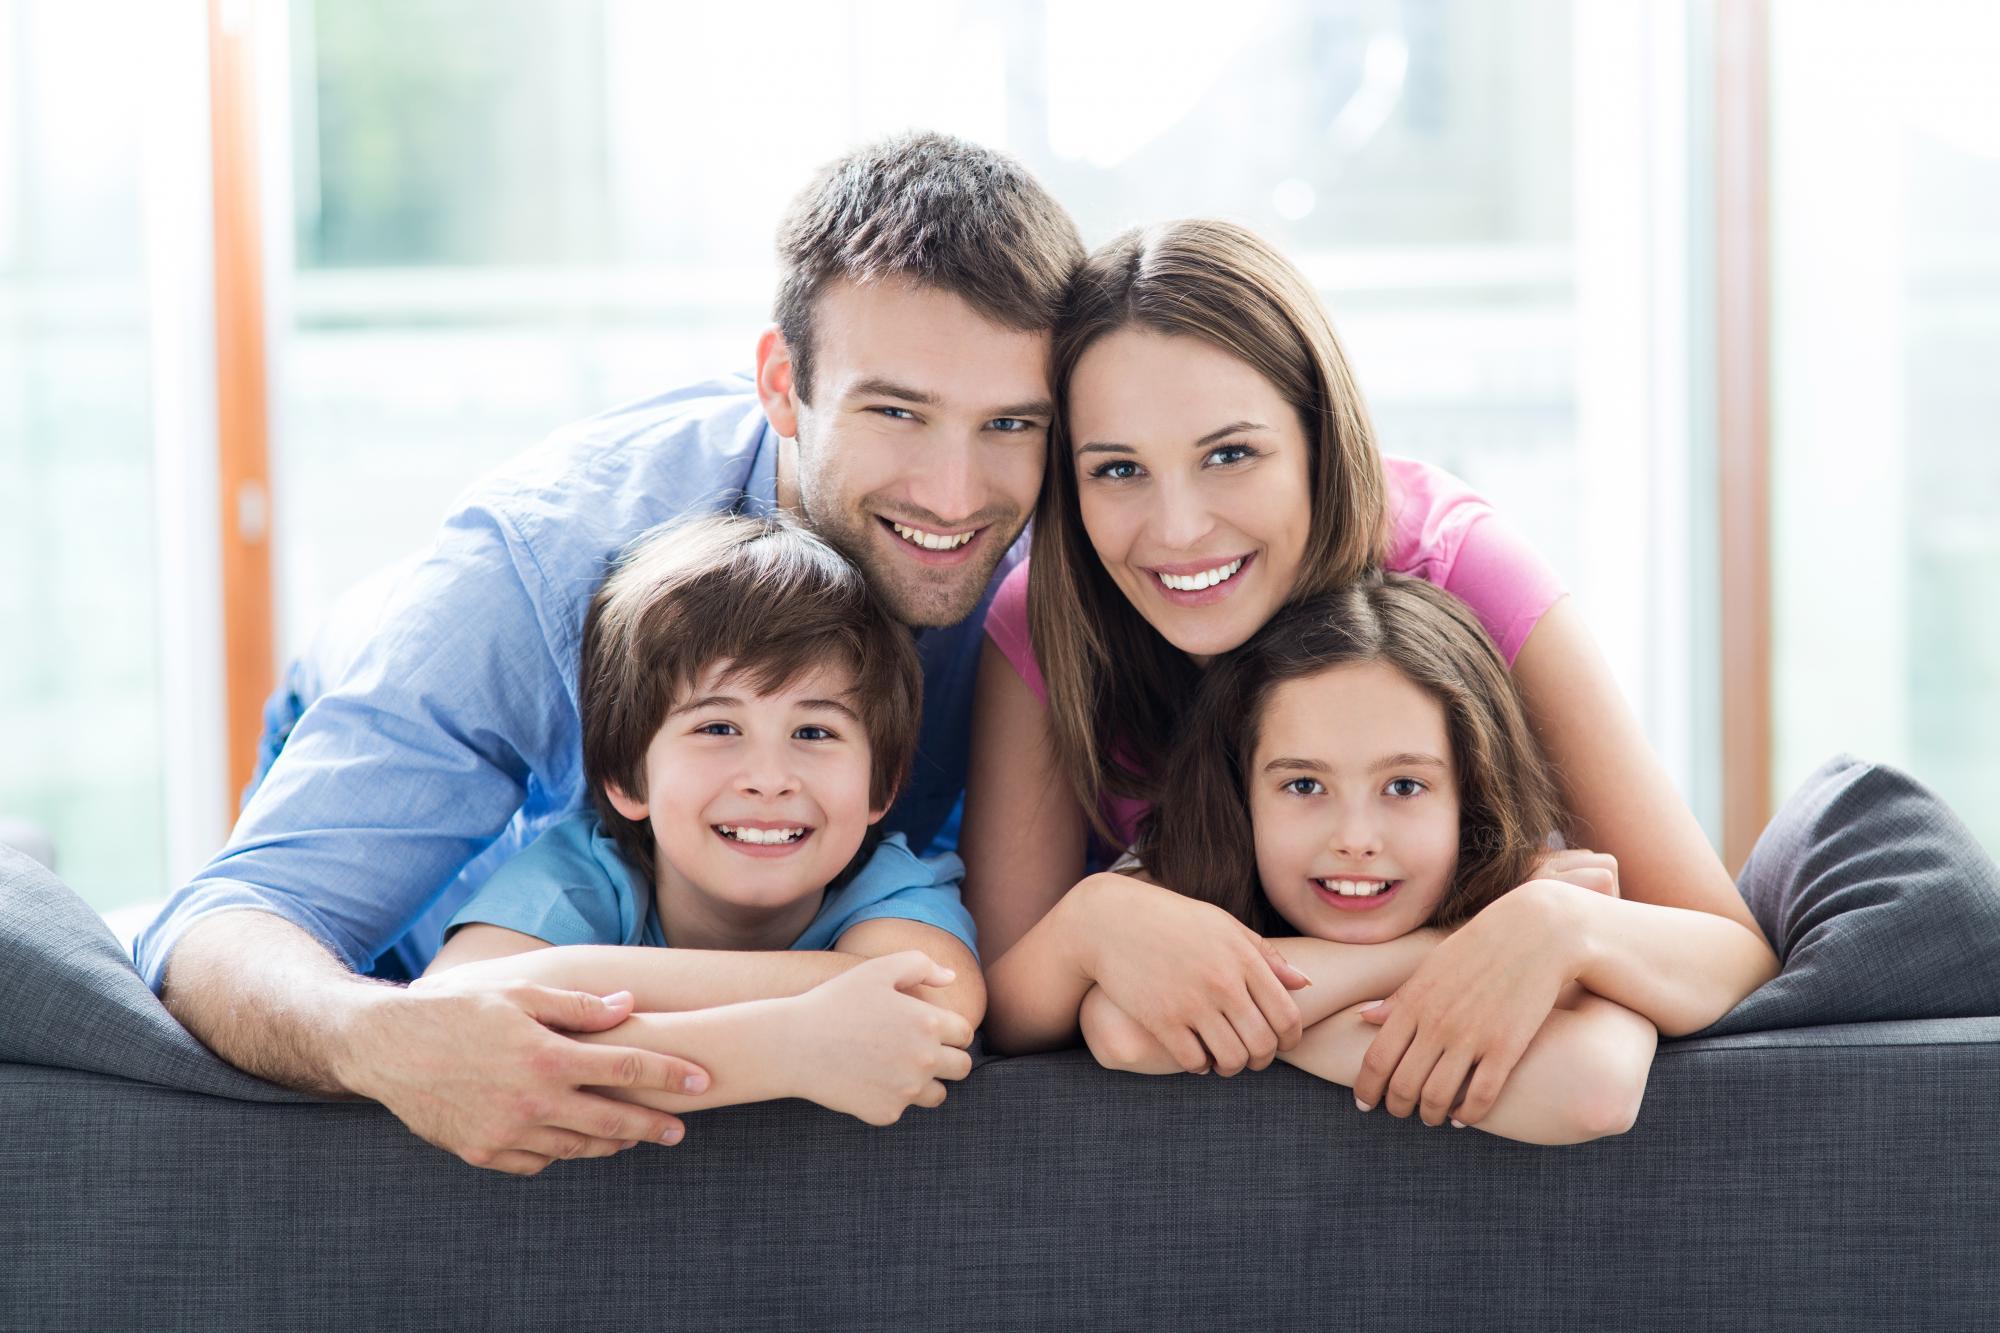 Ларисы анимационная, картинка ребенок с семьей